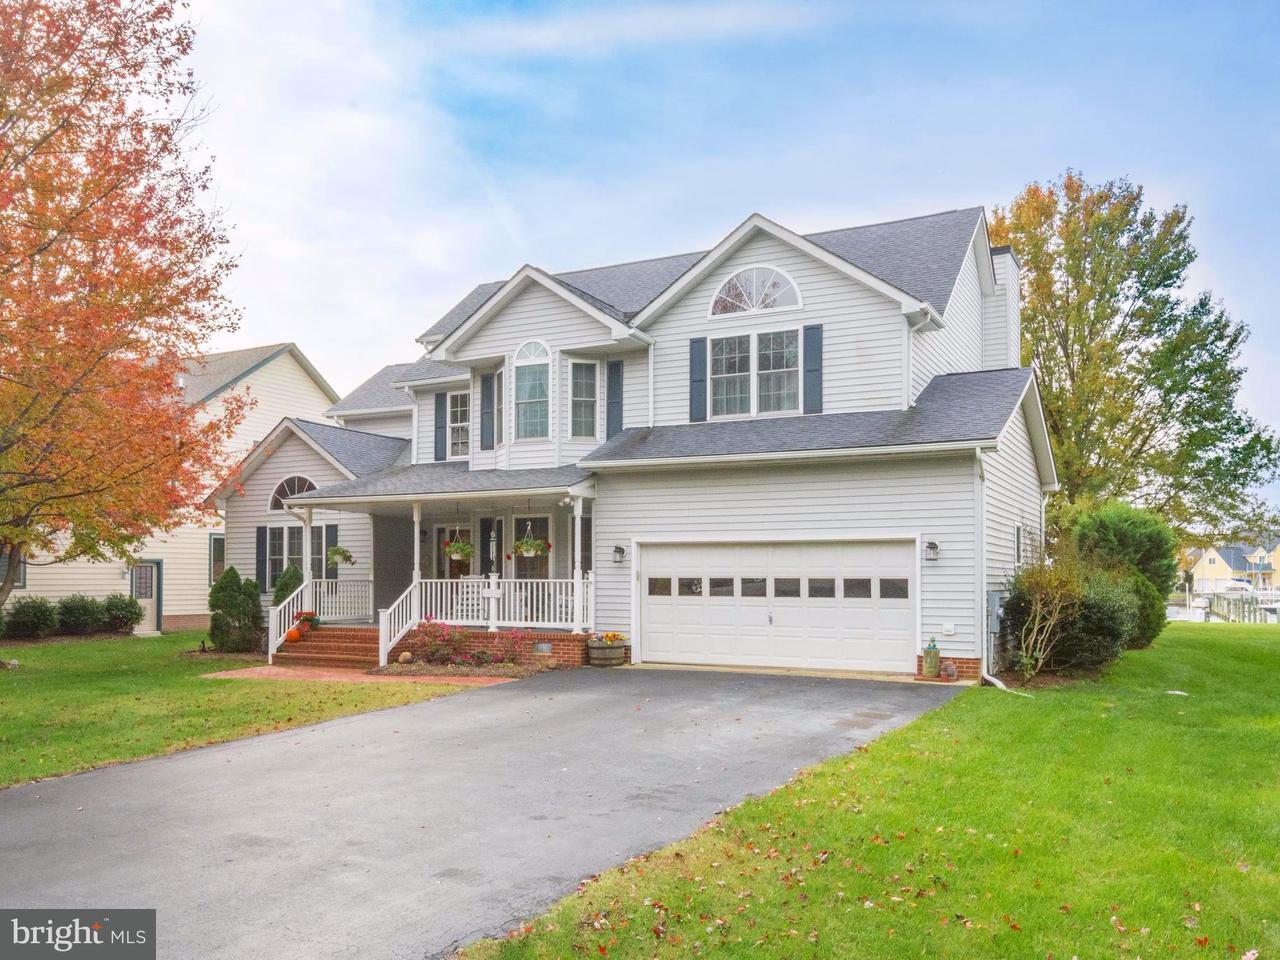 Μονοκατοικία για την Πώληση στο 17715 WHITESTONE Drive 17715 WHITESTONE Drive Tall Timbers, Μεριλαντ 20690 Ηνωμενεσ Πολιτειεσ